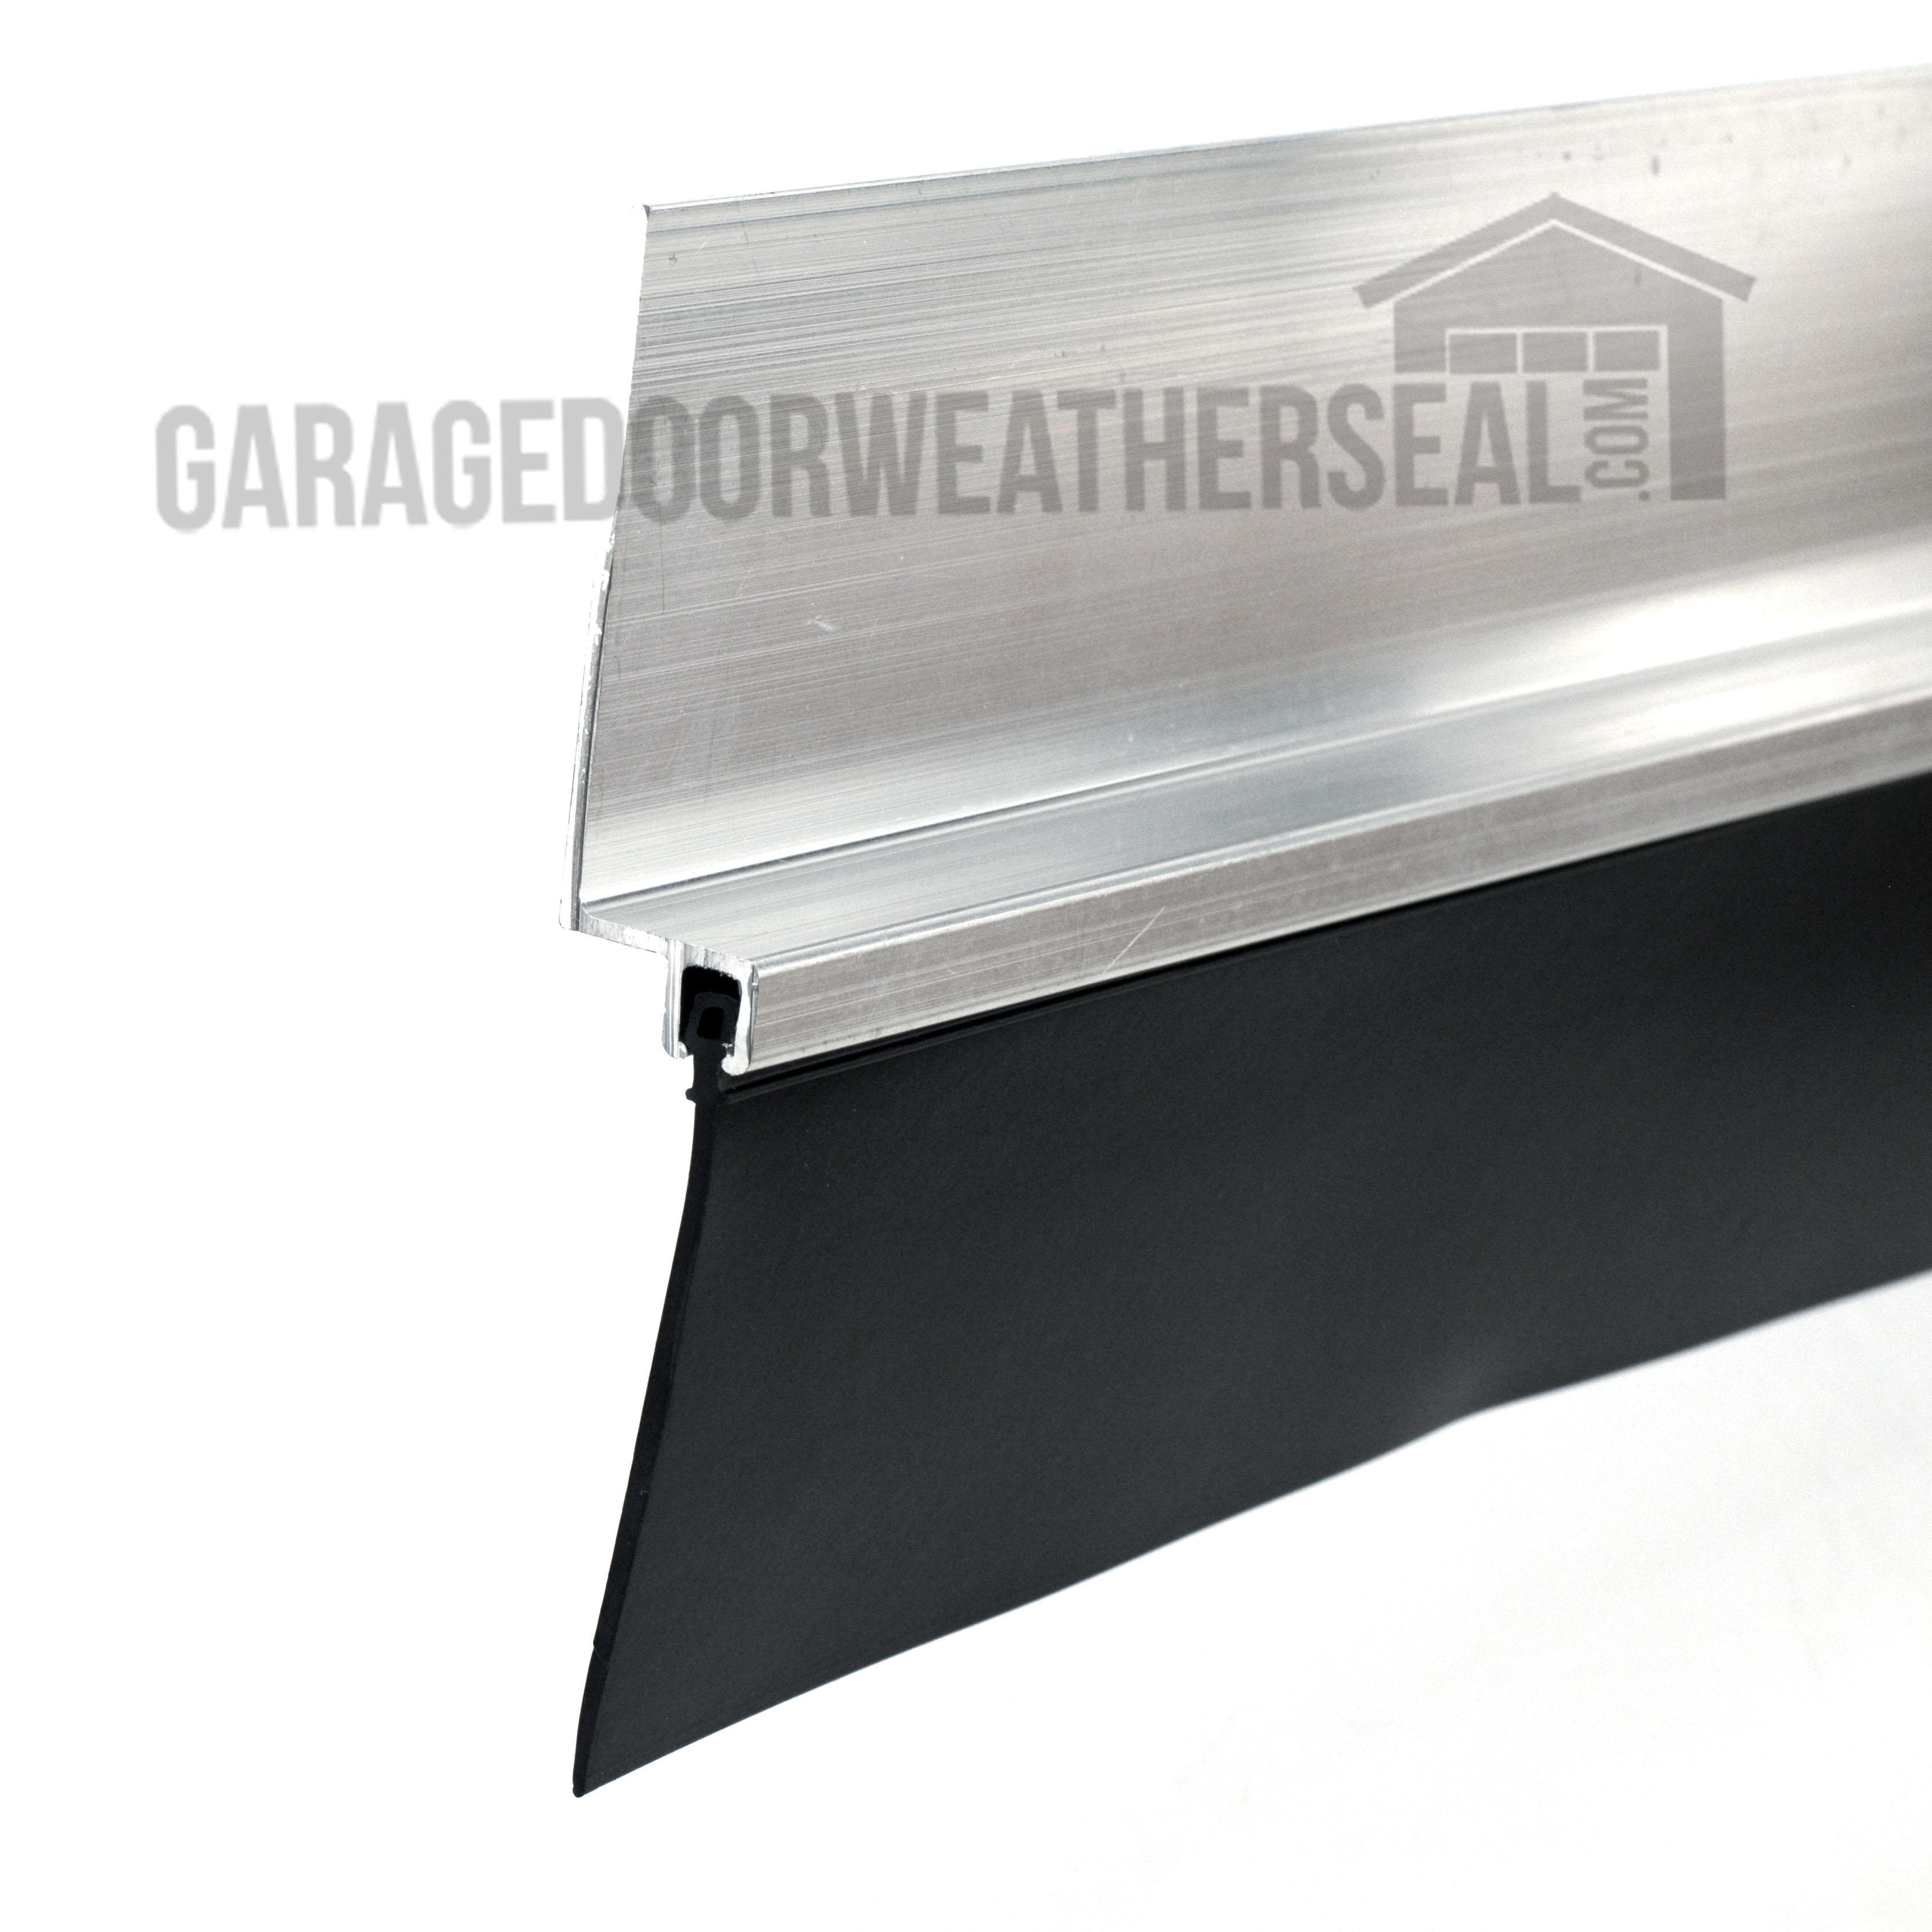 Rubber Garage Door Weather Seal Blade  sc 1 st  Garage Door Weather Seal & Rubber Garage Door Weather Seal Blade - Garage Door Weather Seal